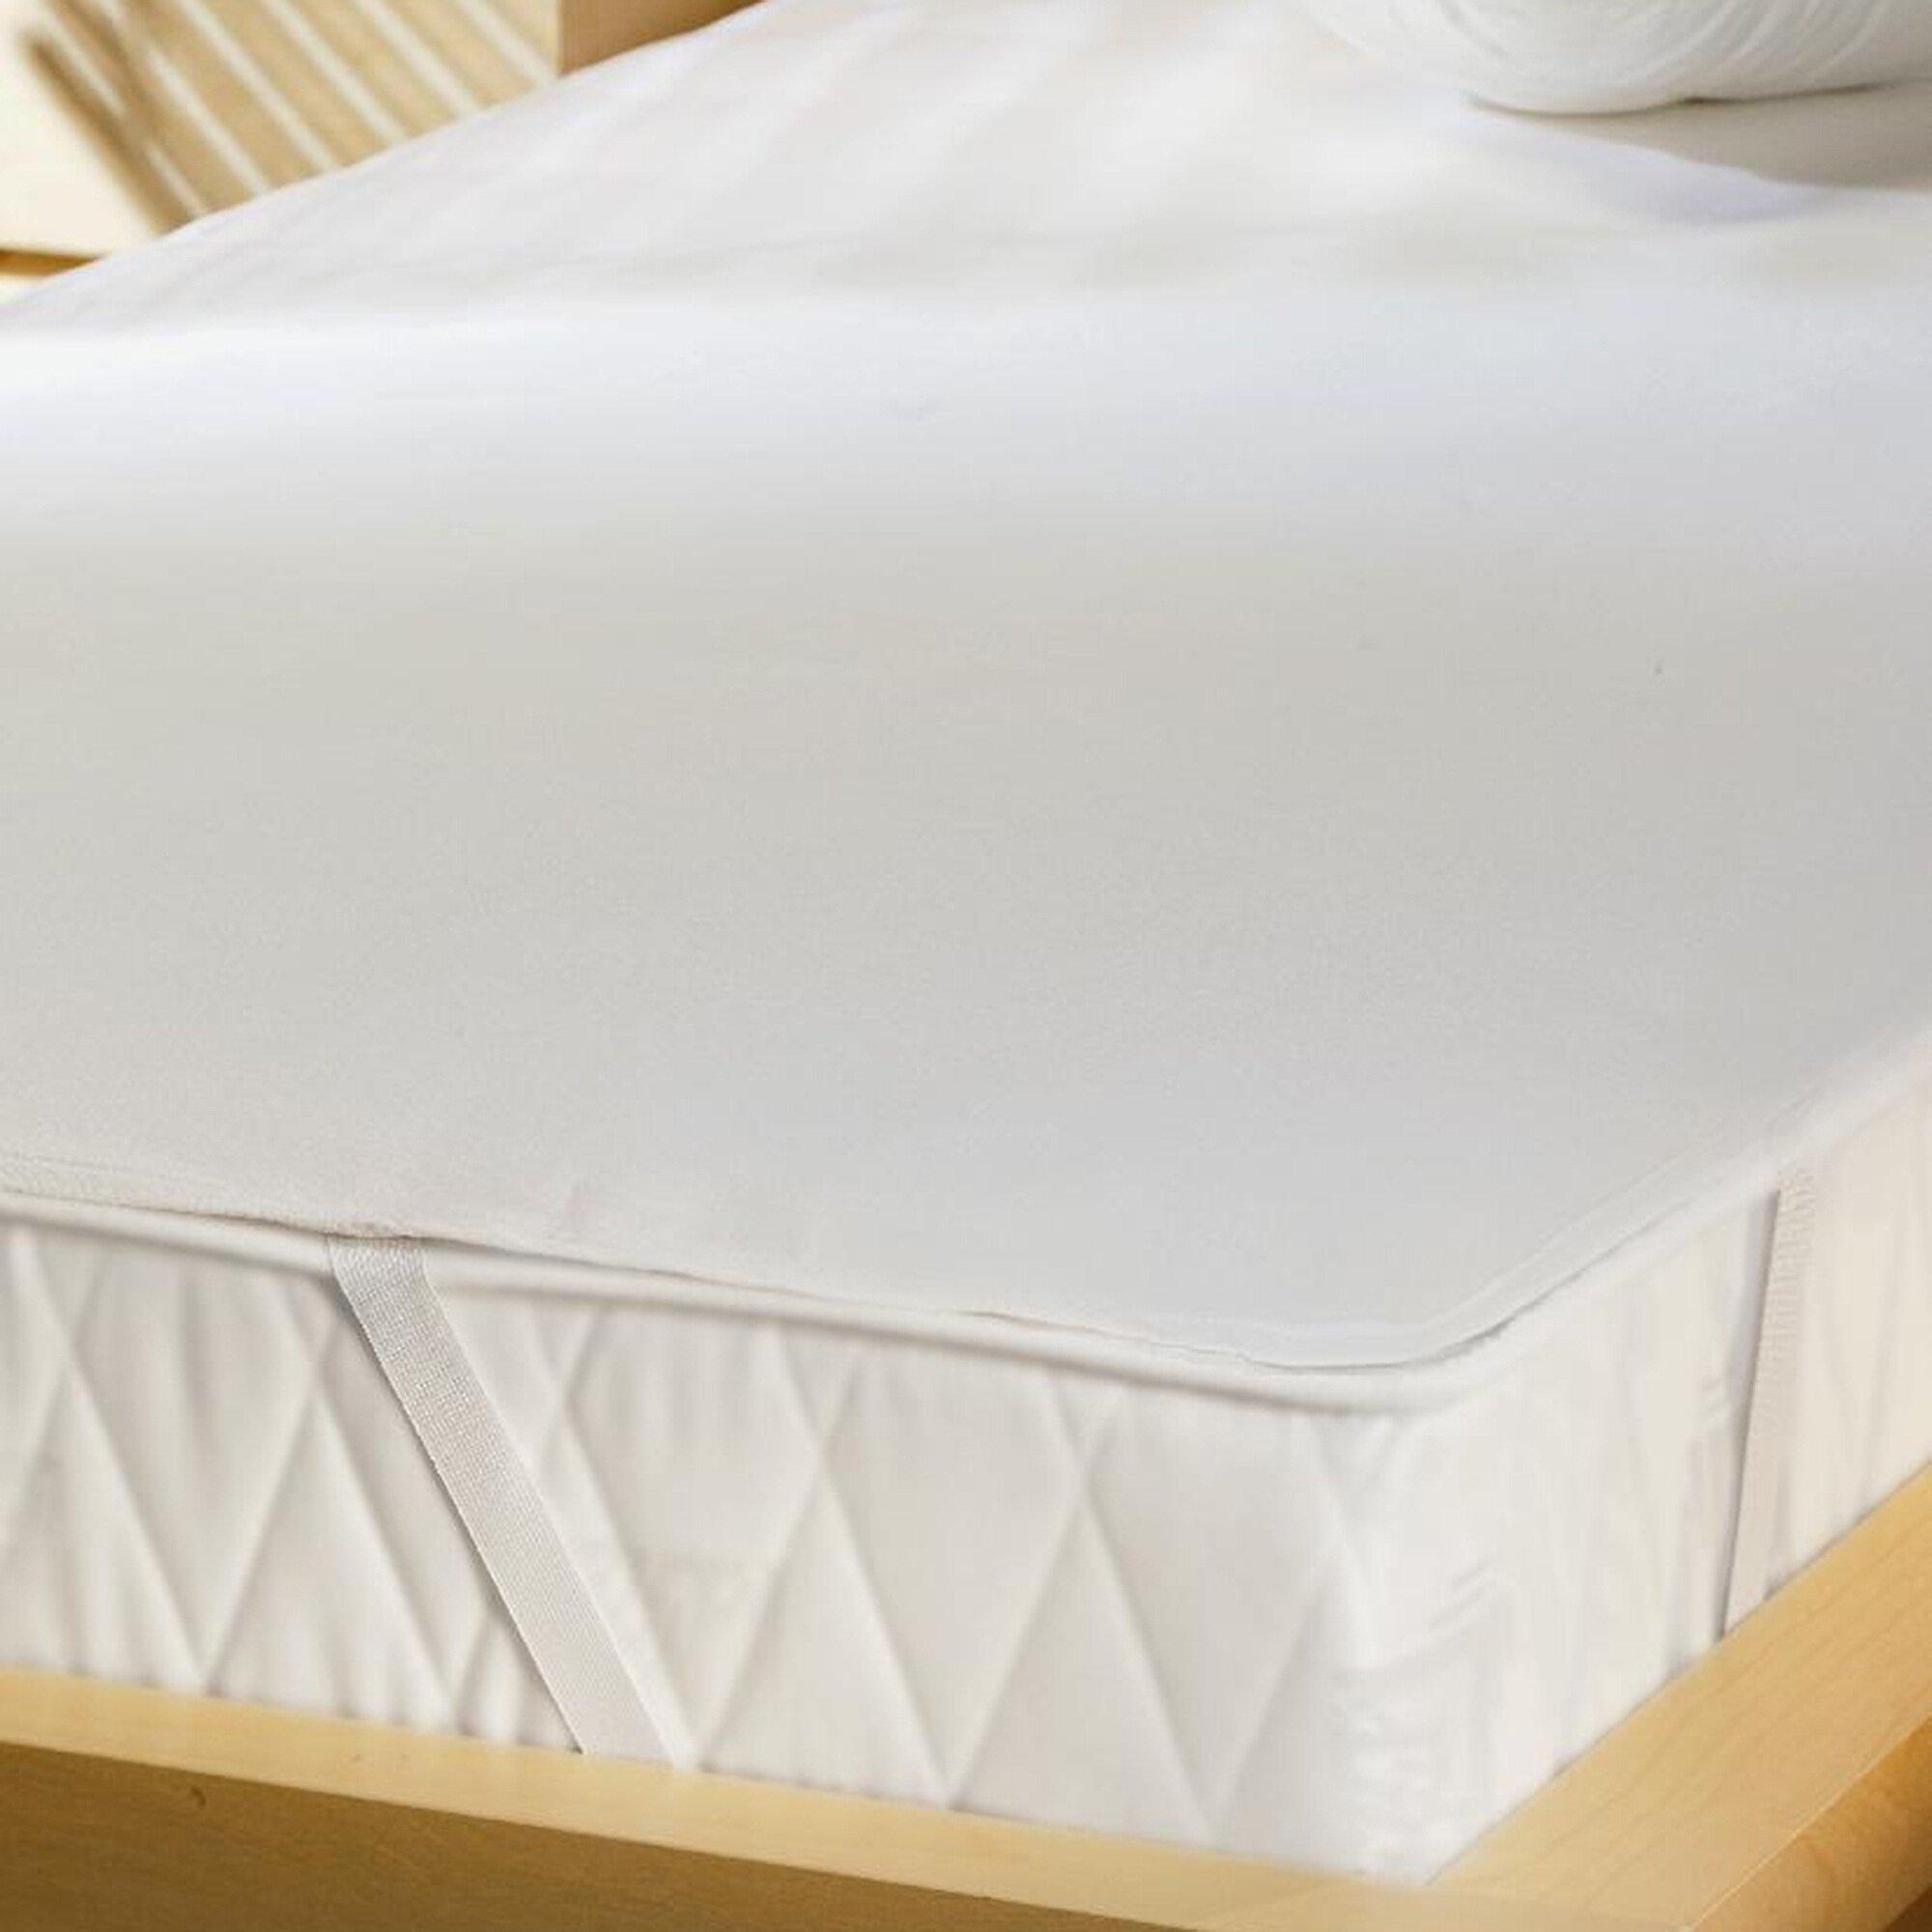 Setex Molton-Frottee-Matratzenauflage 70x140 cm wasserdicht